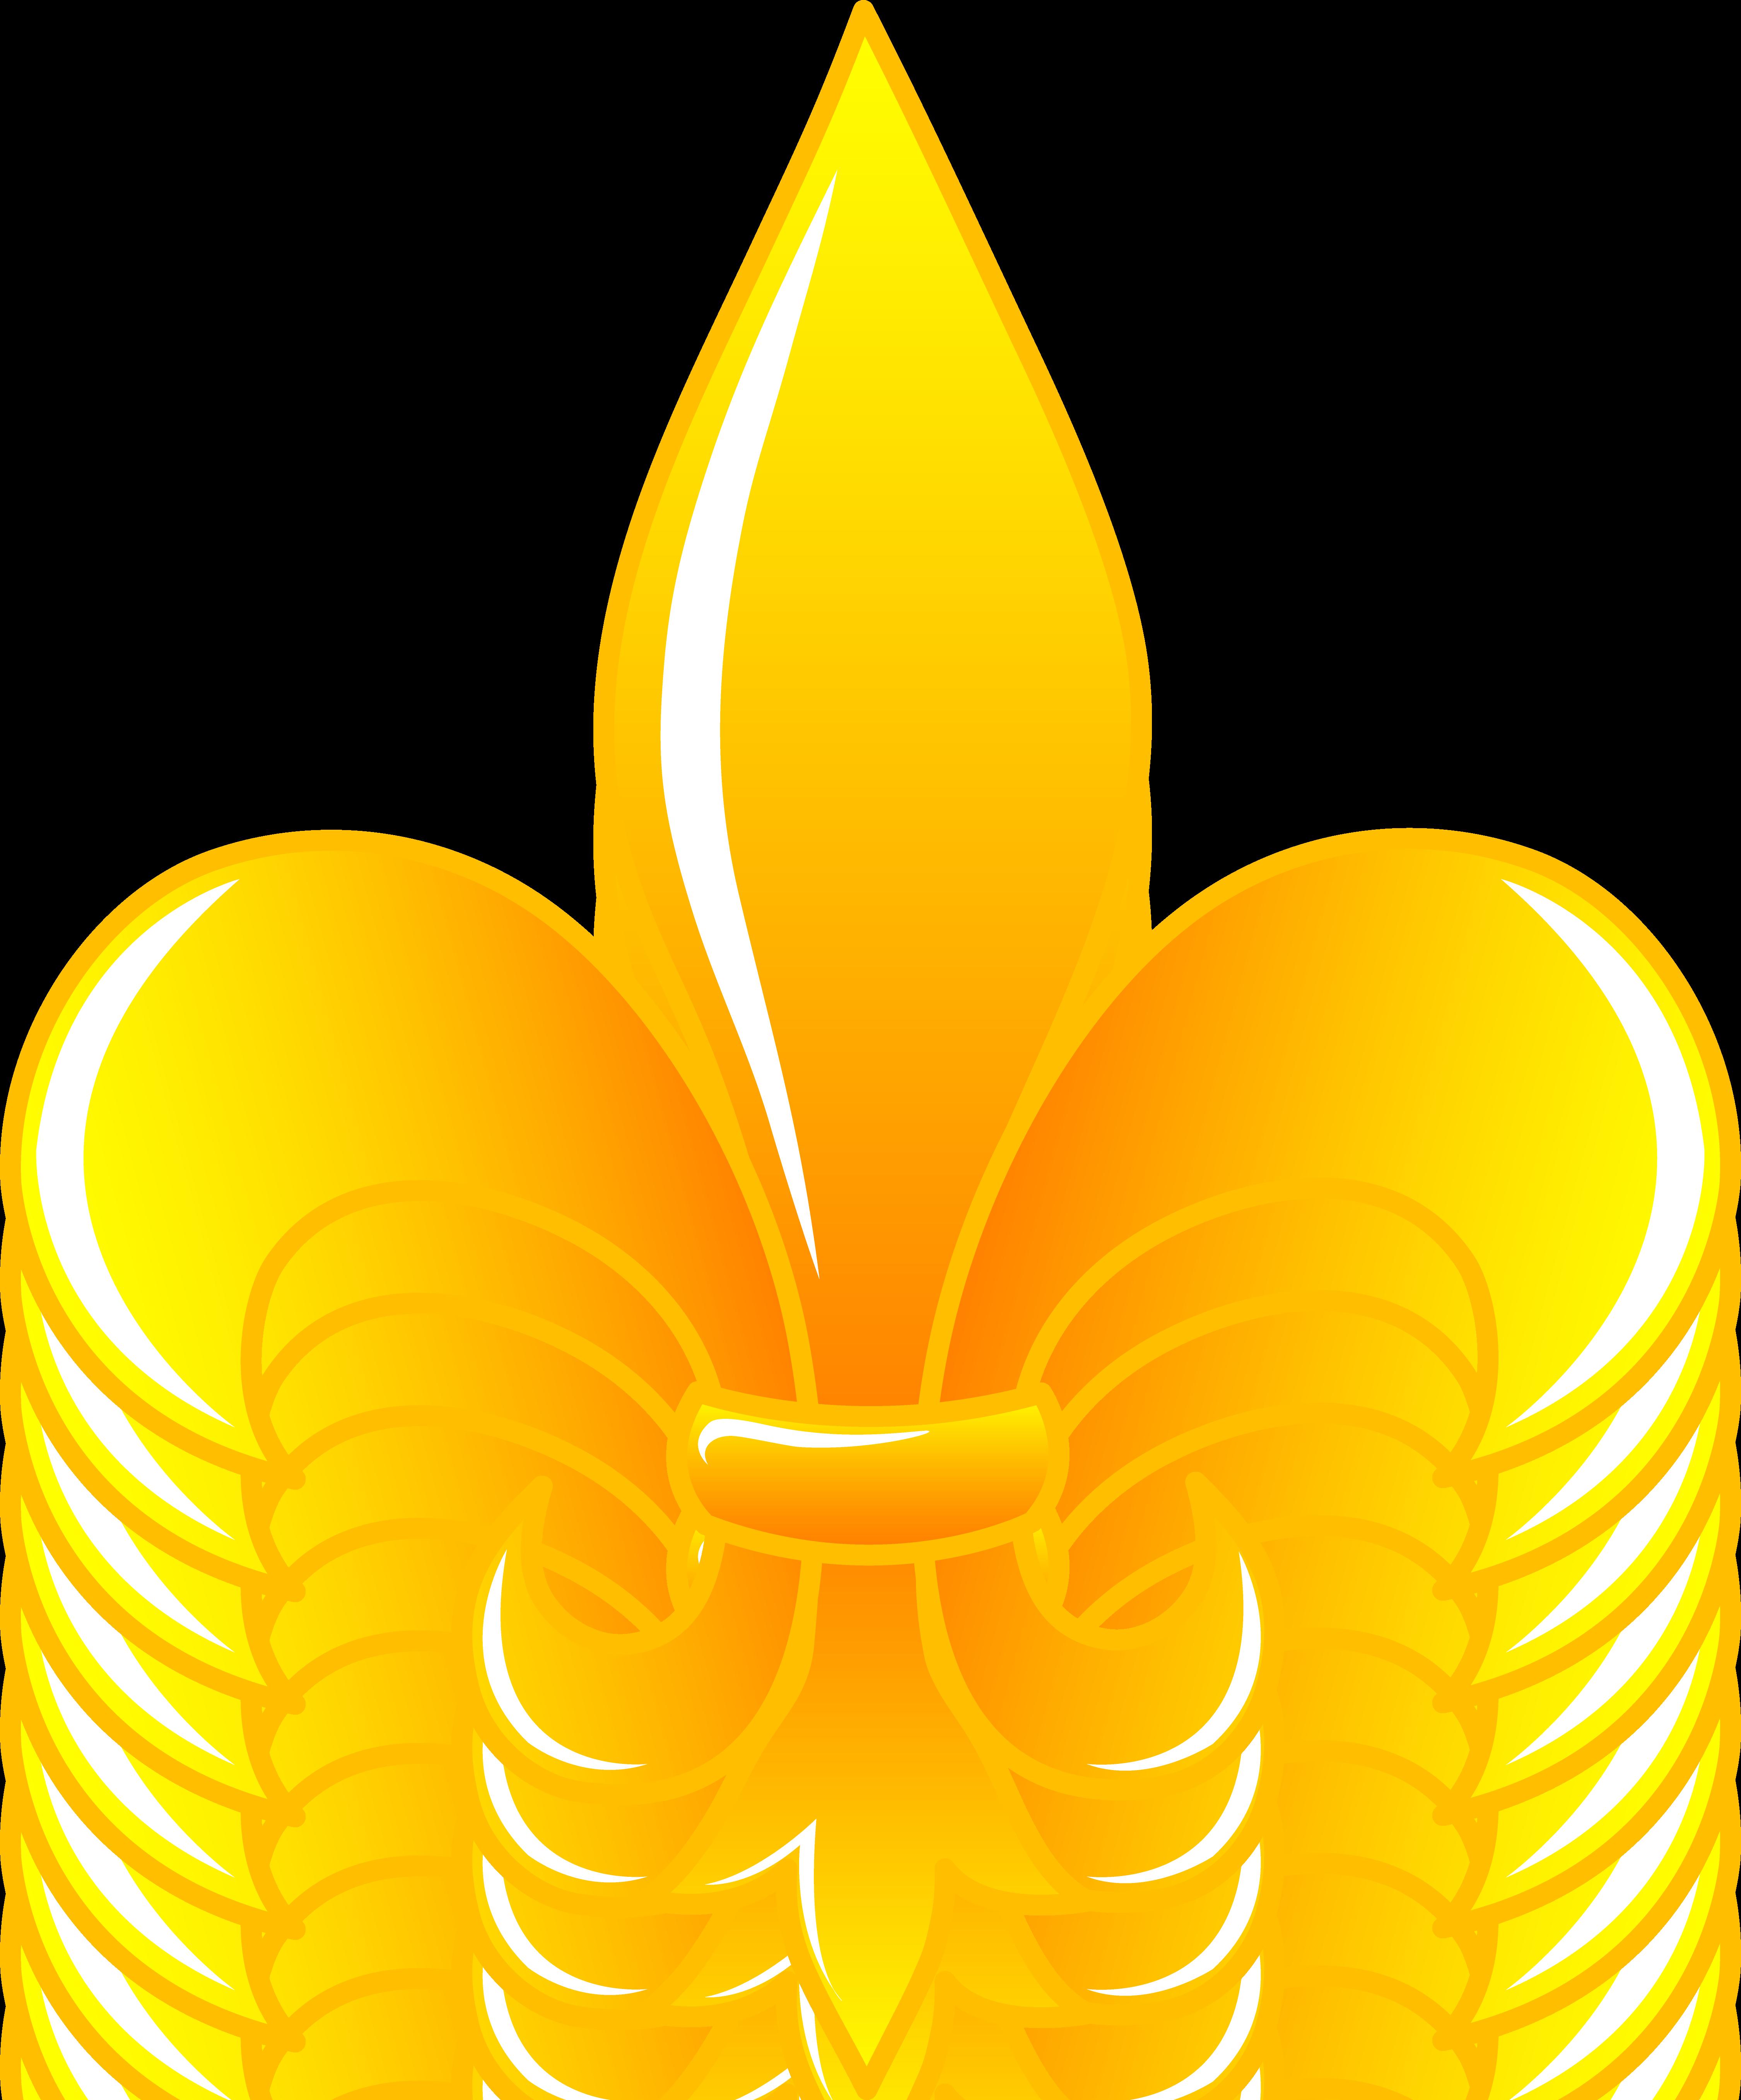 Fleur de lys transparent clipart best for Transparent top design